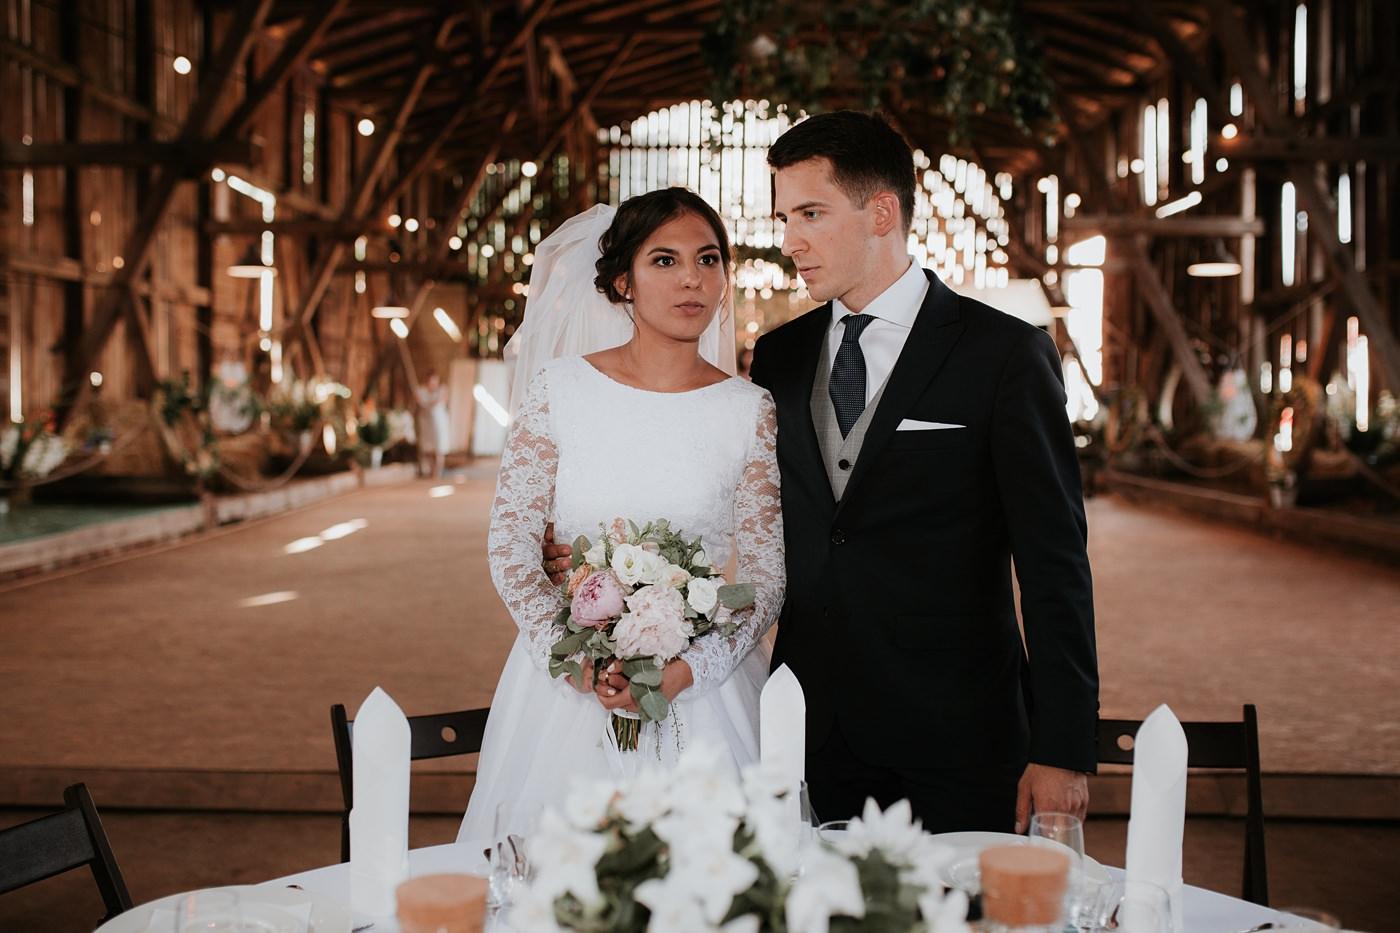 Dominika & Aleksander - Rustykalne wesele w stodole - Baborówko 99